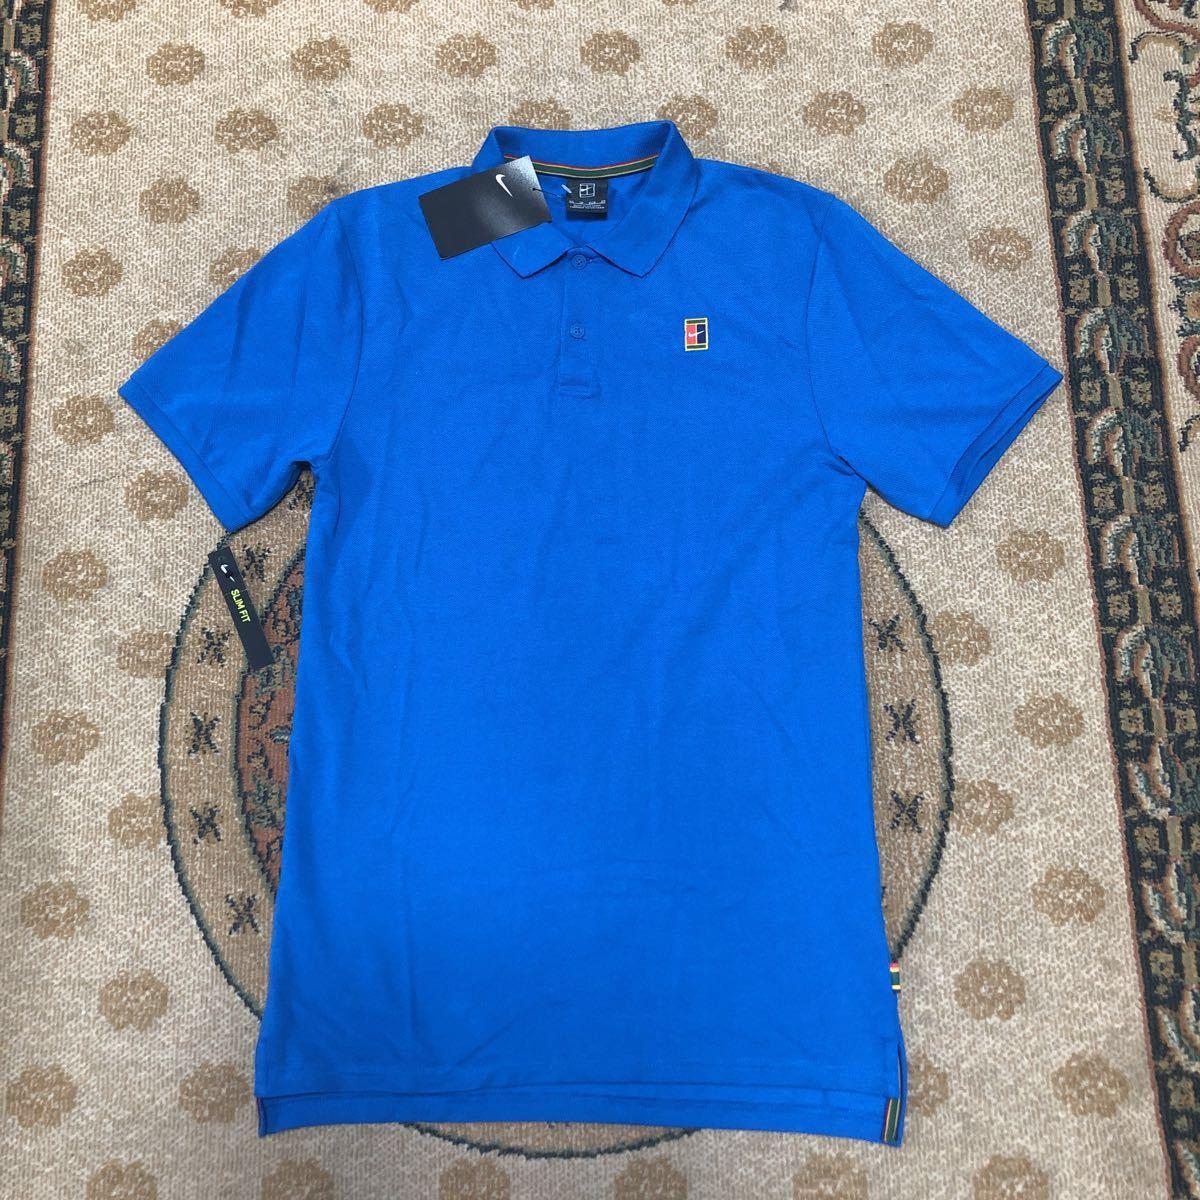 新品 NIKE tennis ナイキ テニス コートロゴ ポロシャツ メンズUSサイズXS 日本サイズS スリムフィット_画像2